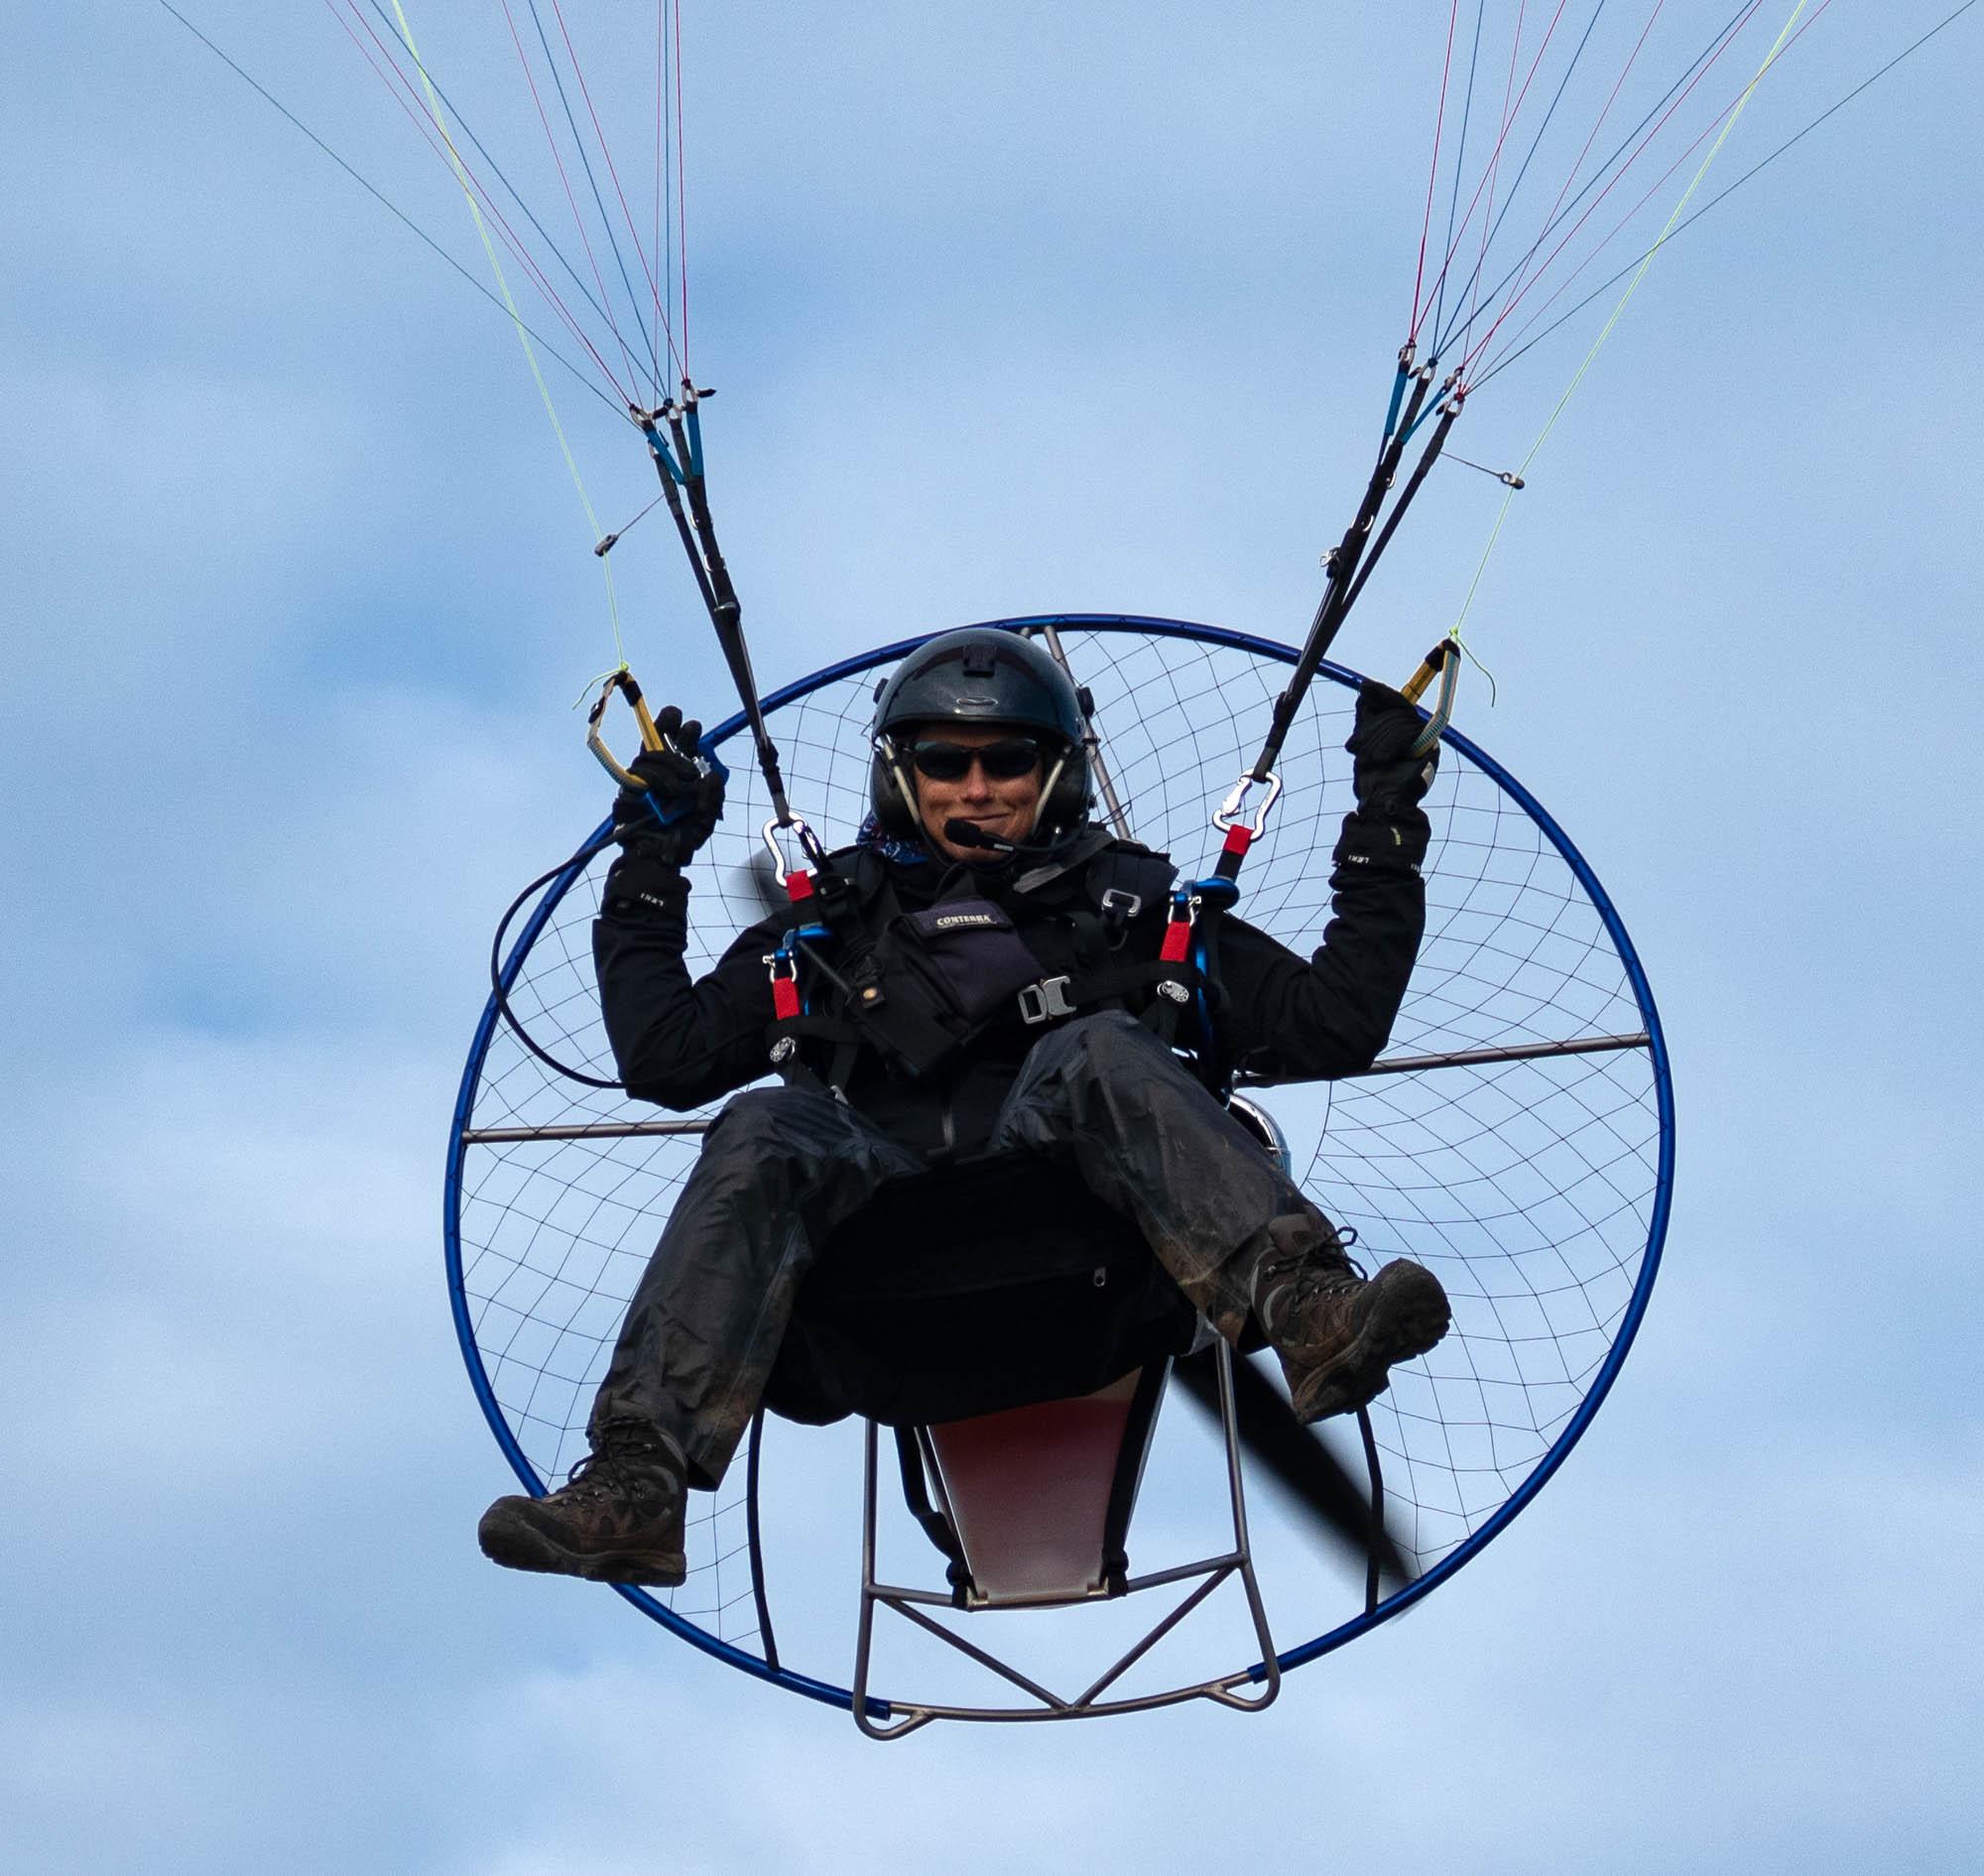 Maren Flying her Parajet